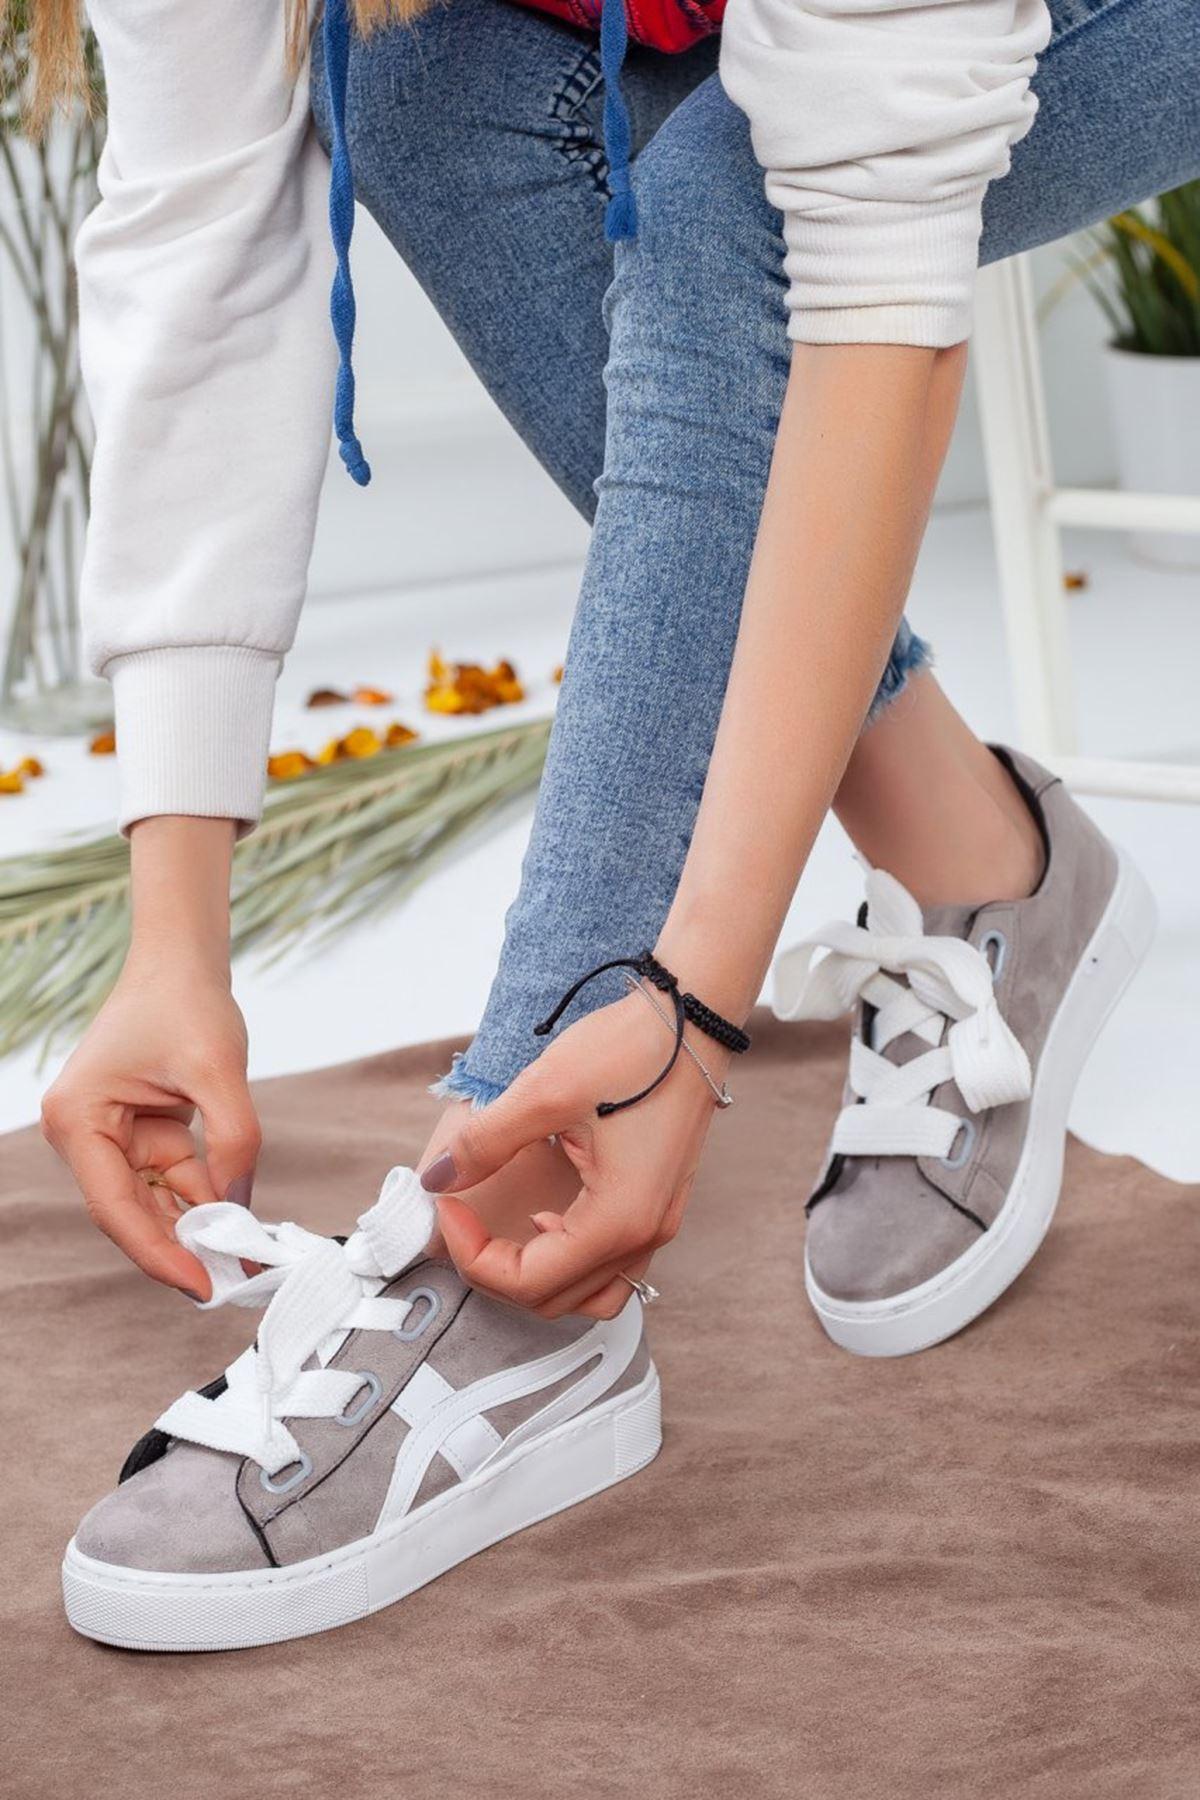 Kadın Salind Spor Ayakkabı Gri Beyaz